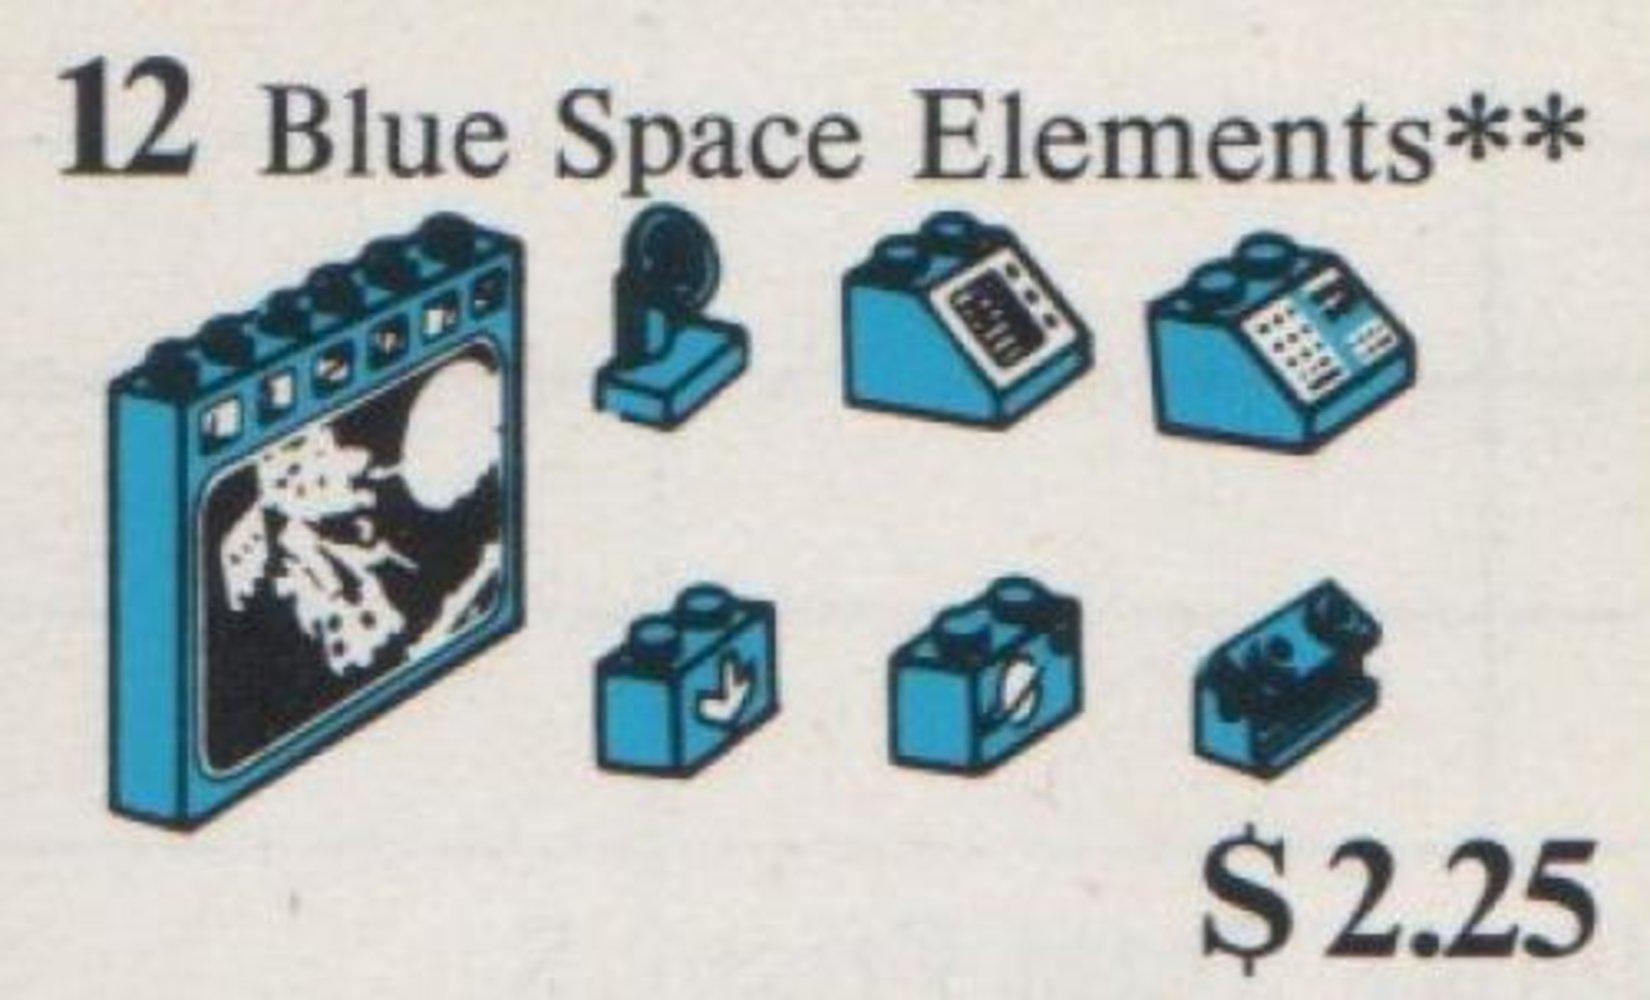 Blue Space Elements